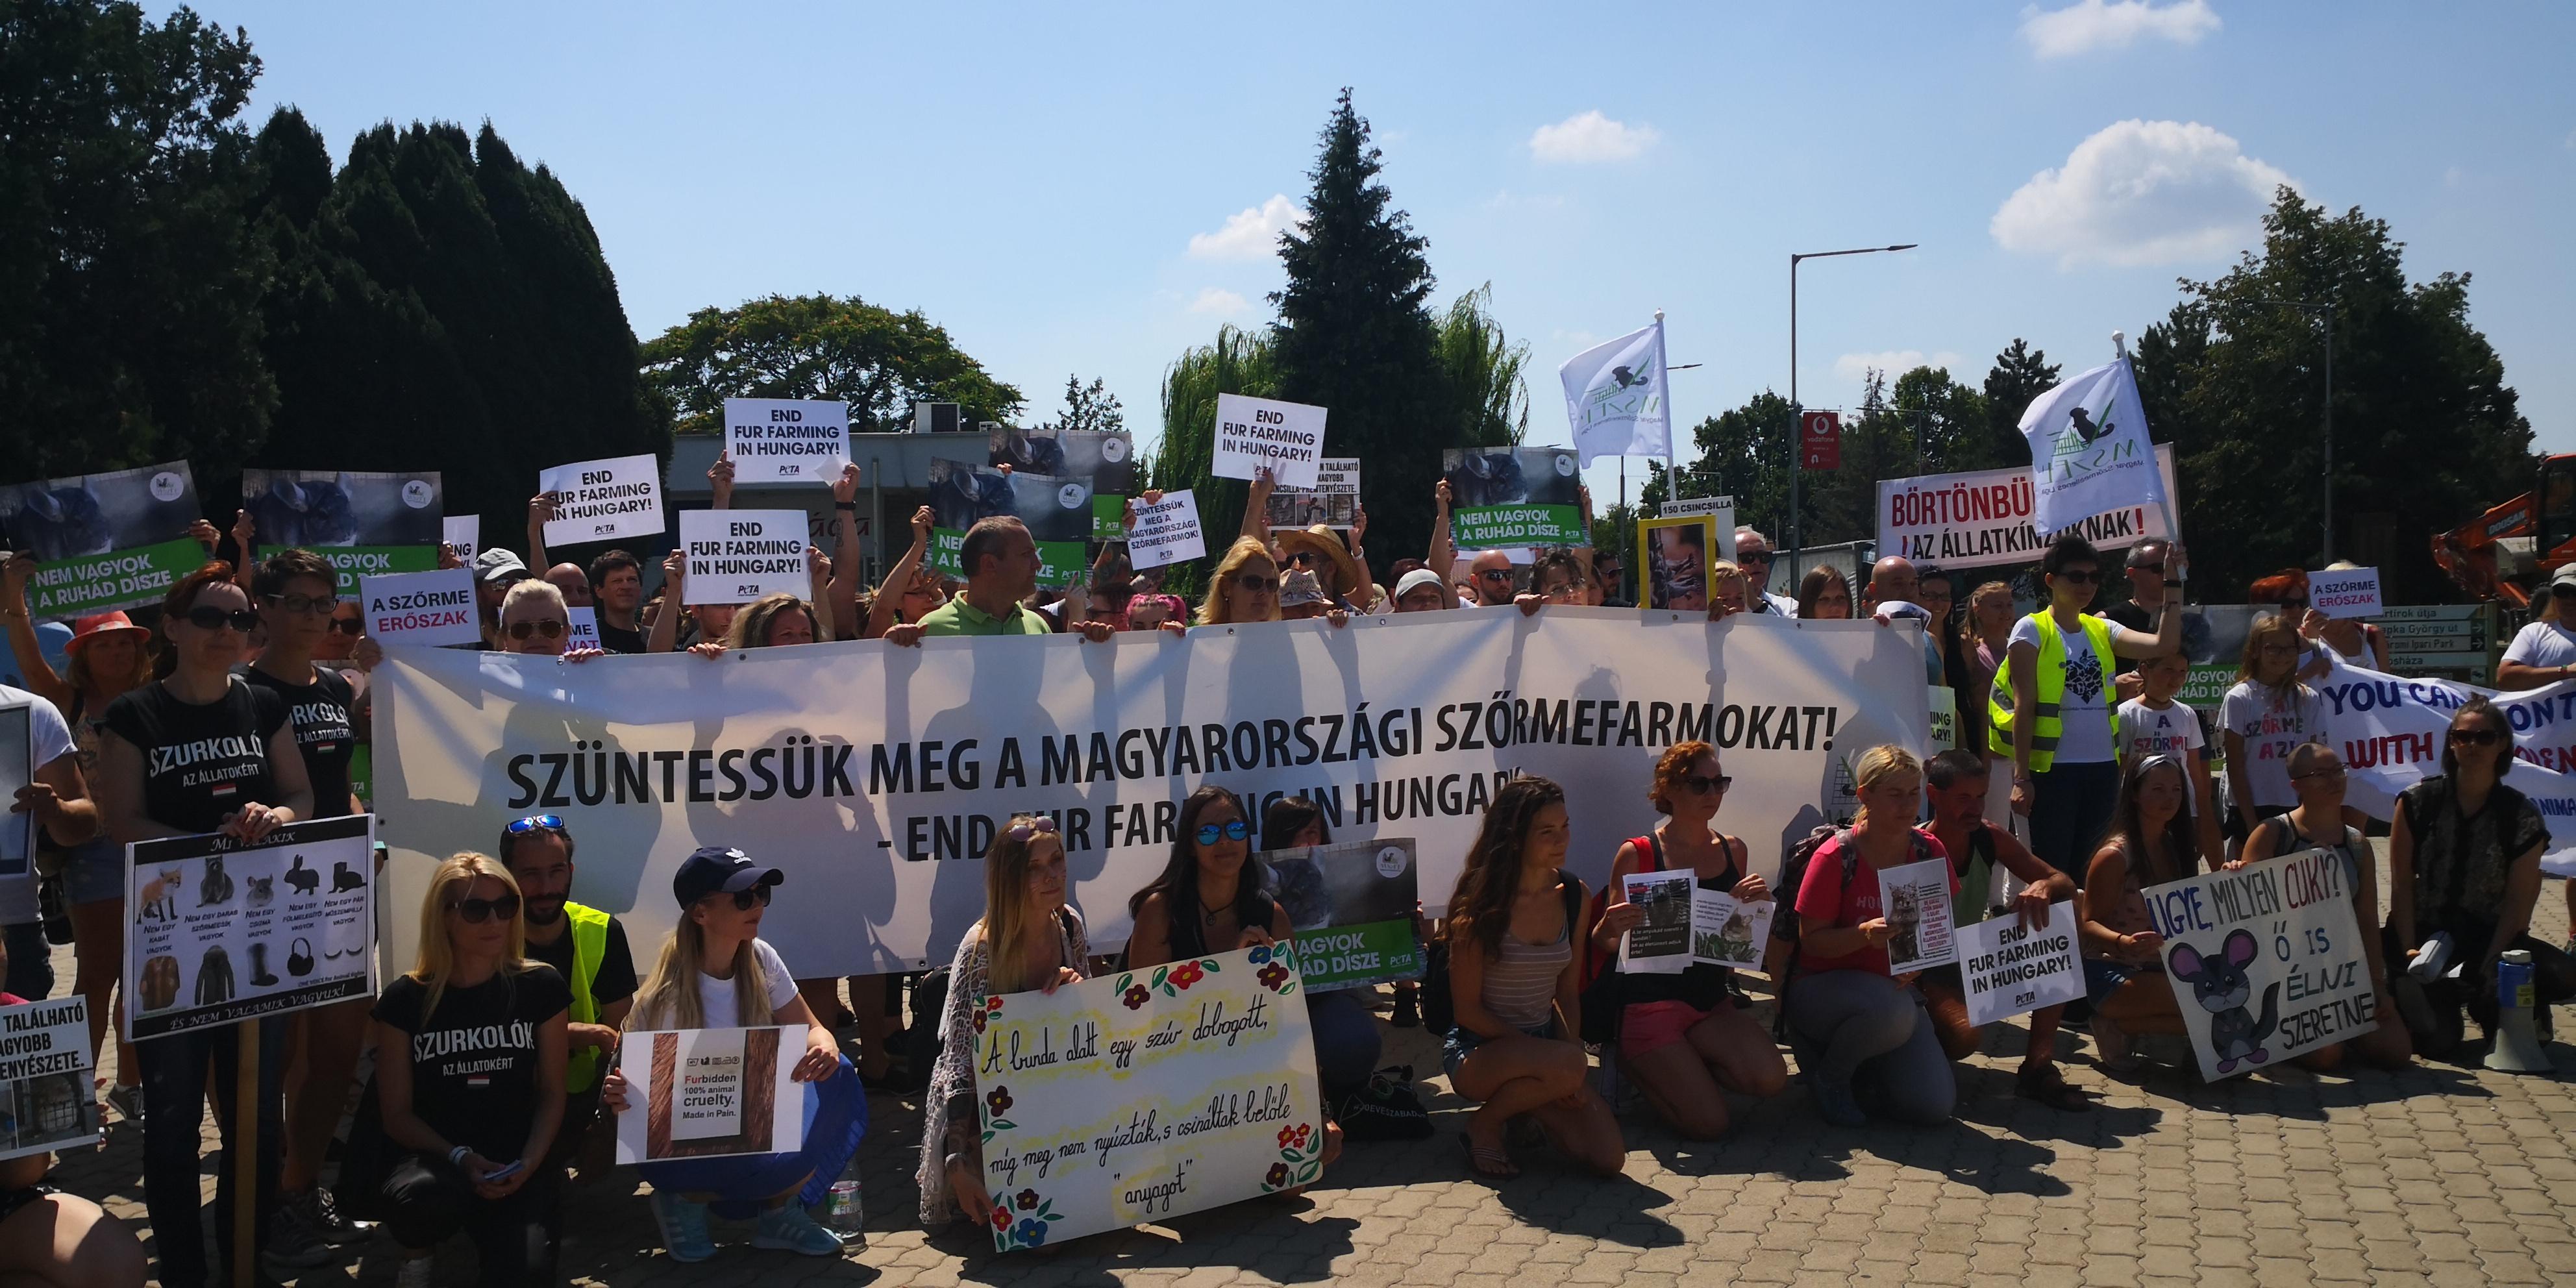 Szőrme ellenes tüntetők molinóval